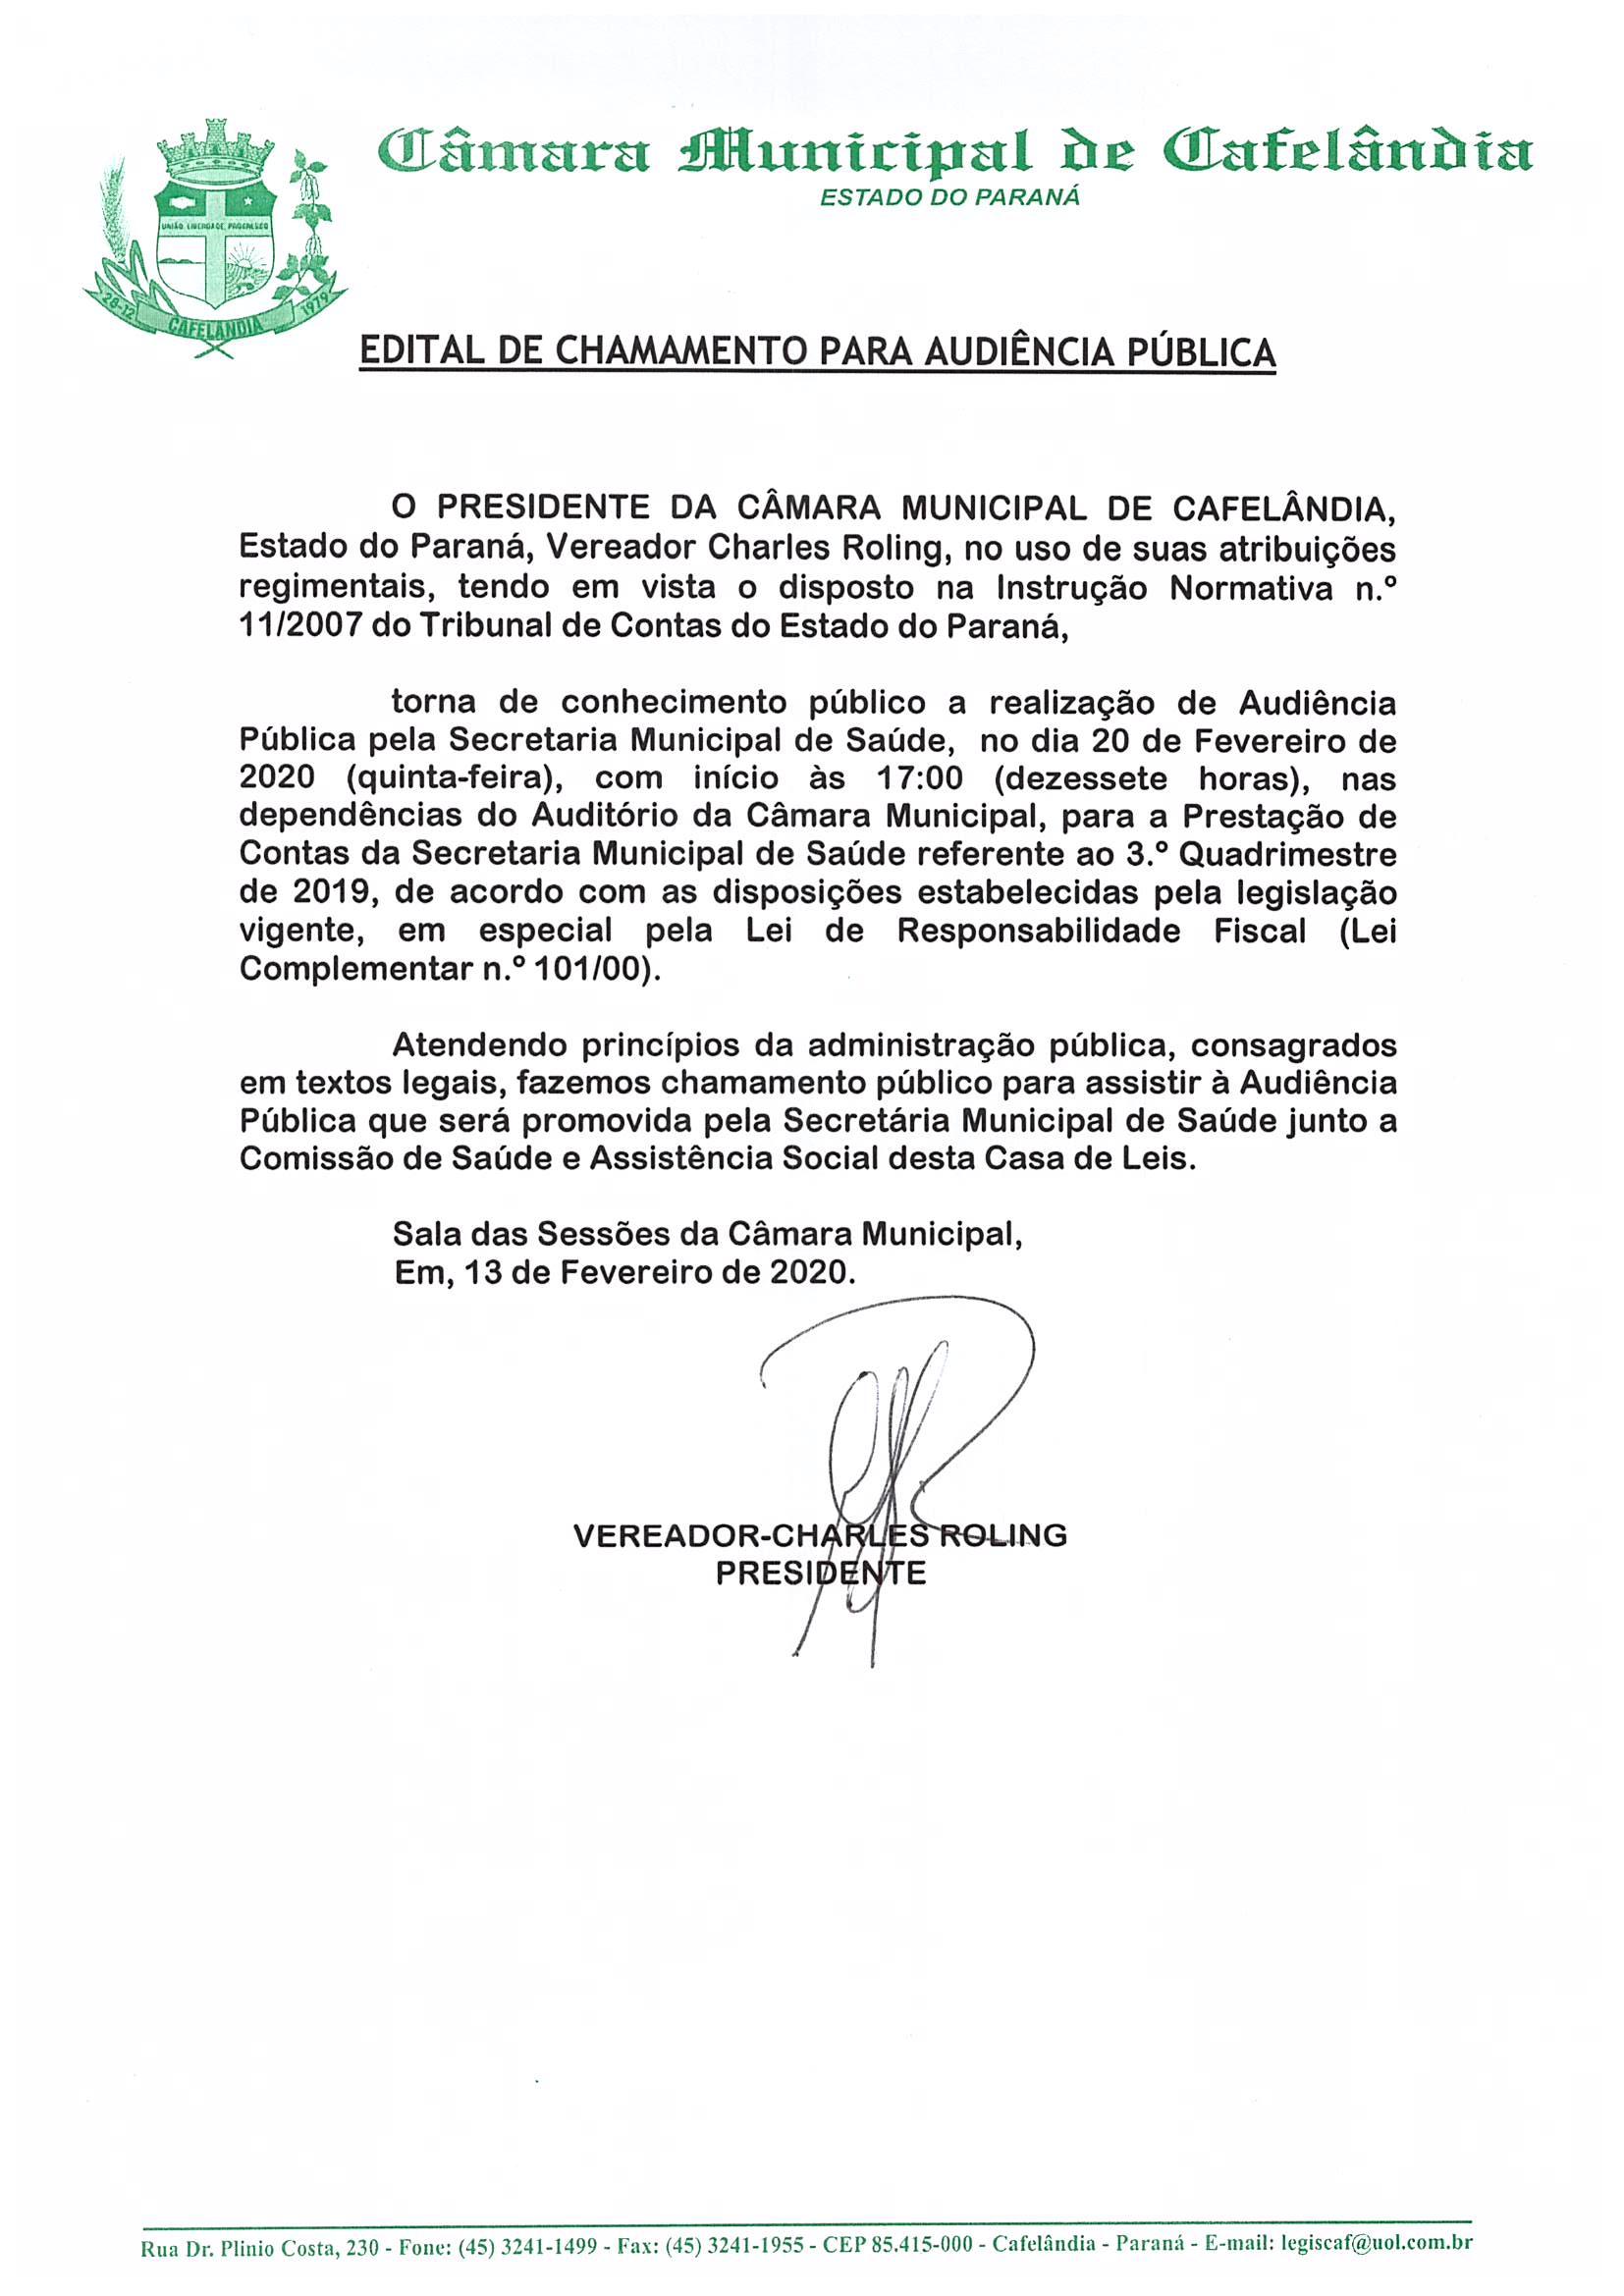 Edital de Chamamento para Audiência Pública da Saúde do dia 20 de Fevereiro de 2020 às 17:00 Horas.